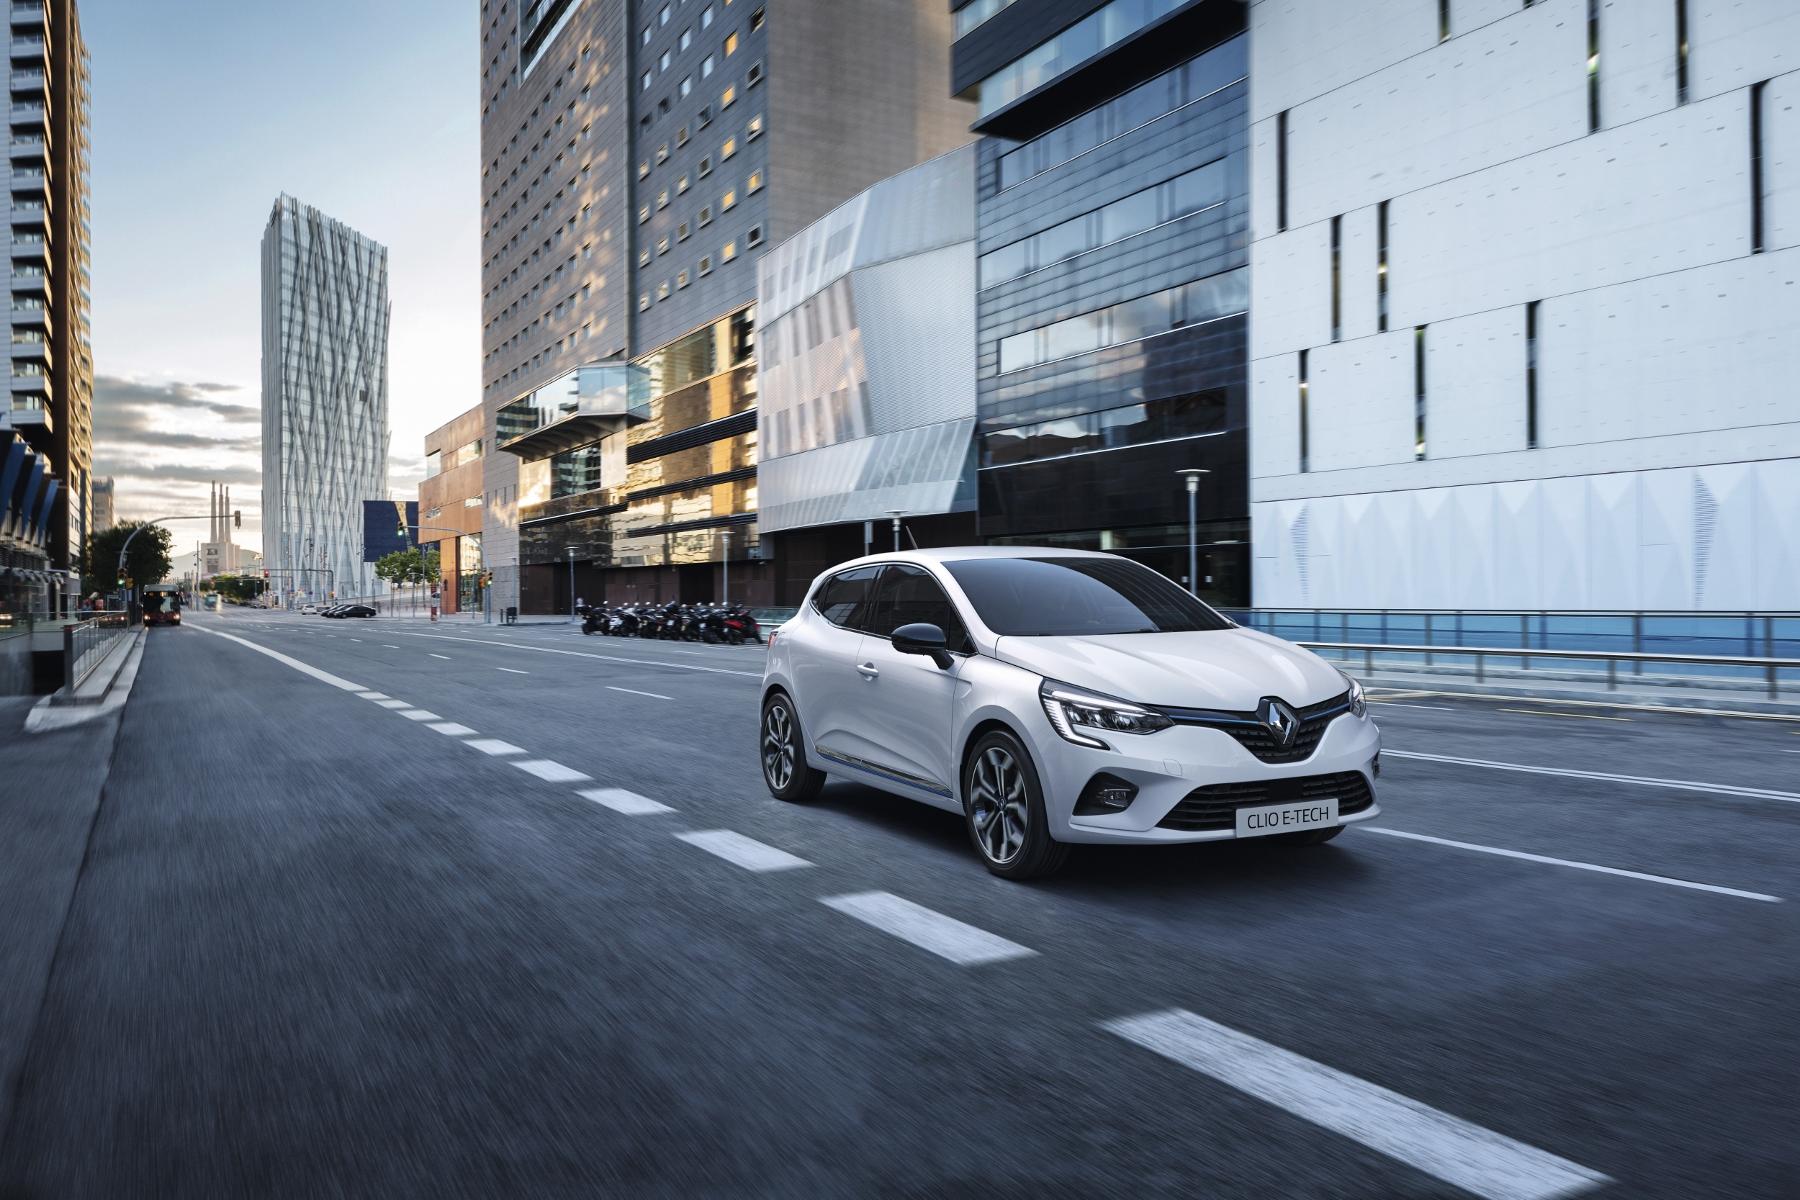 Renault Clio (23)